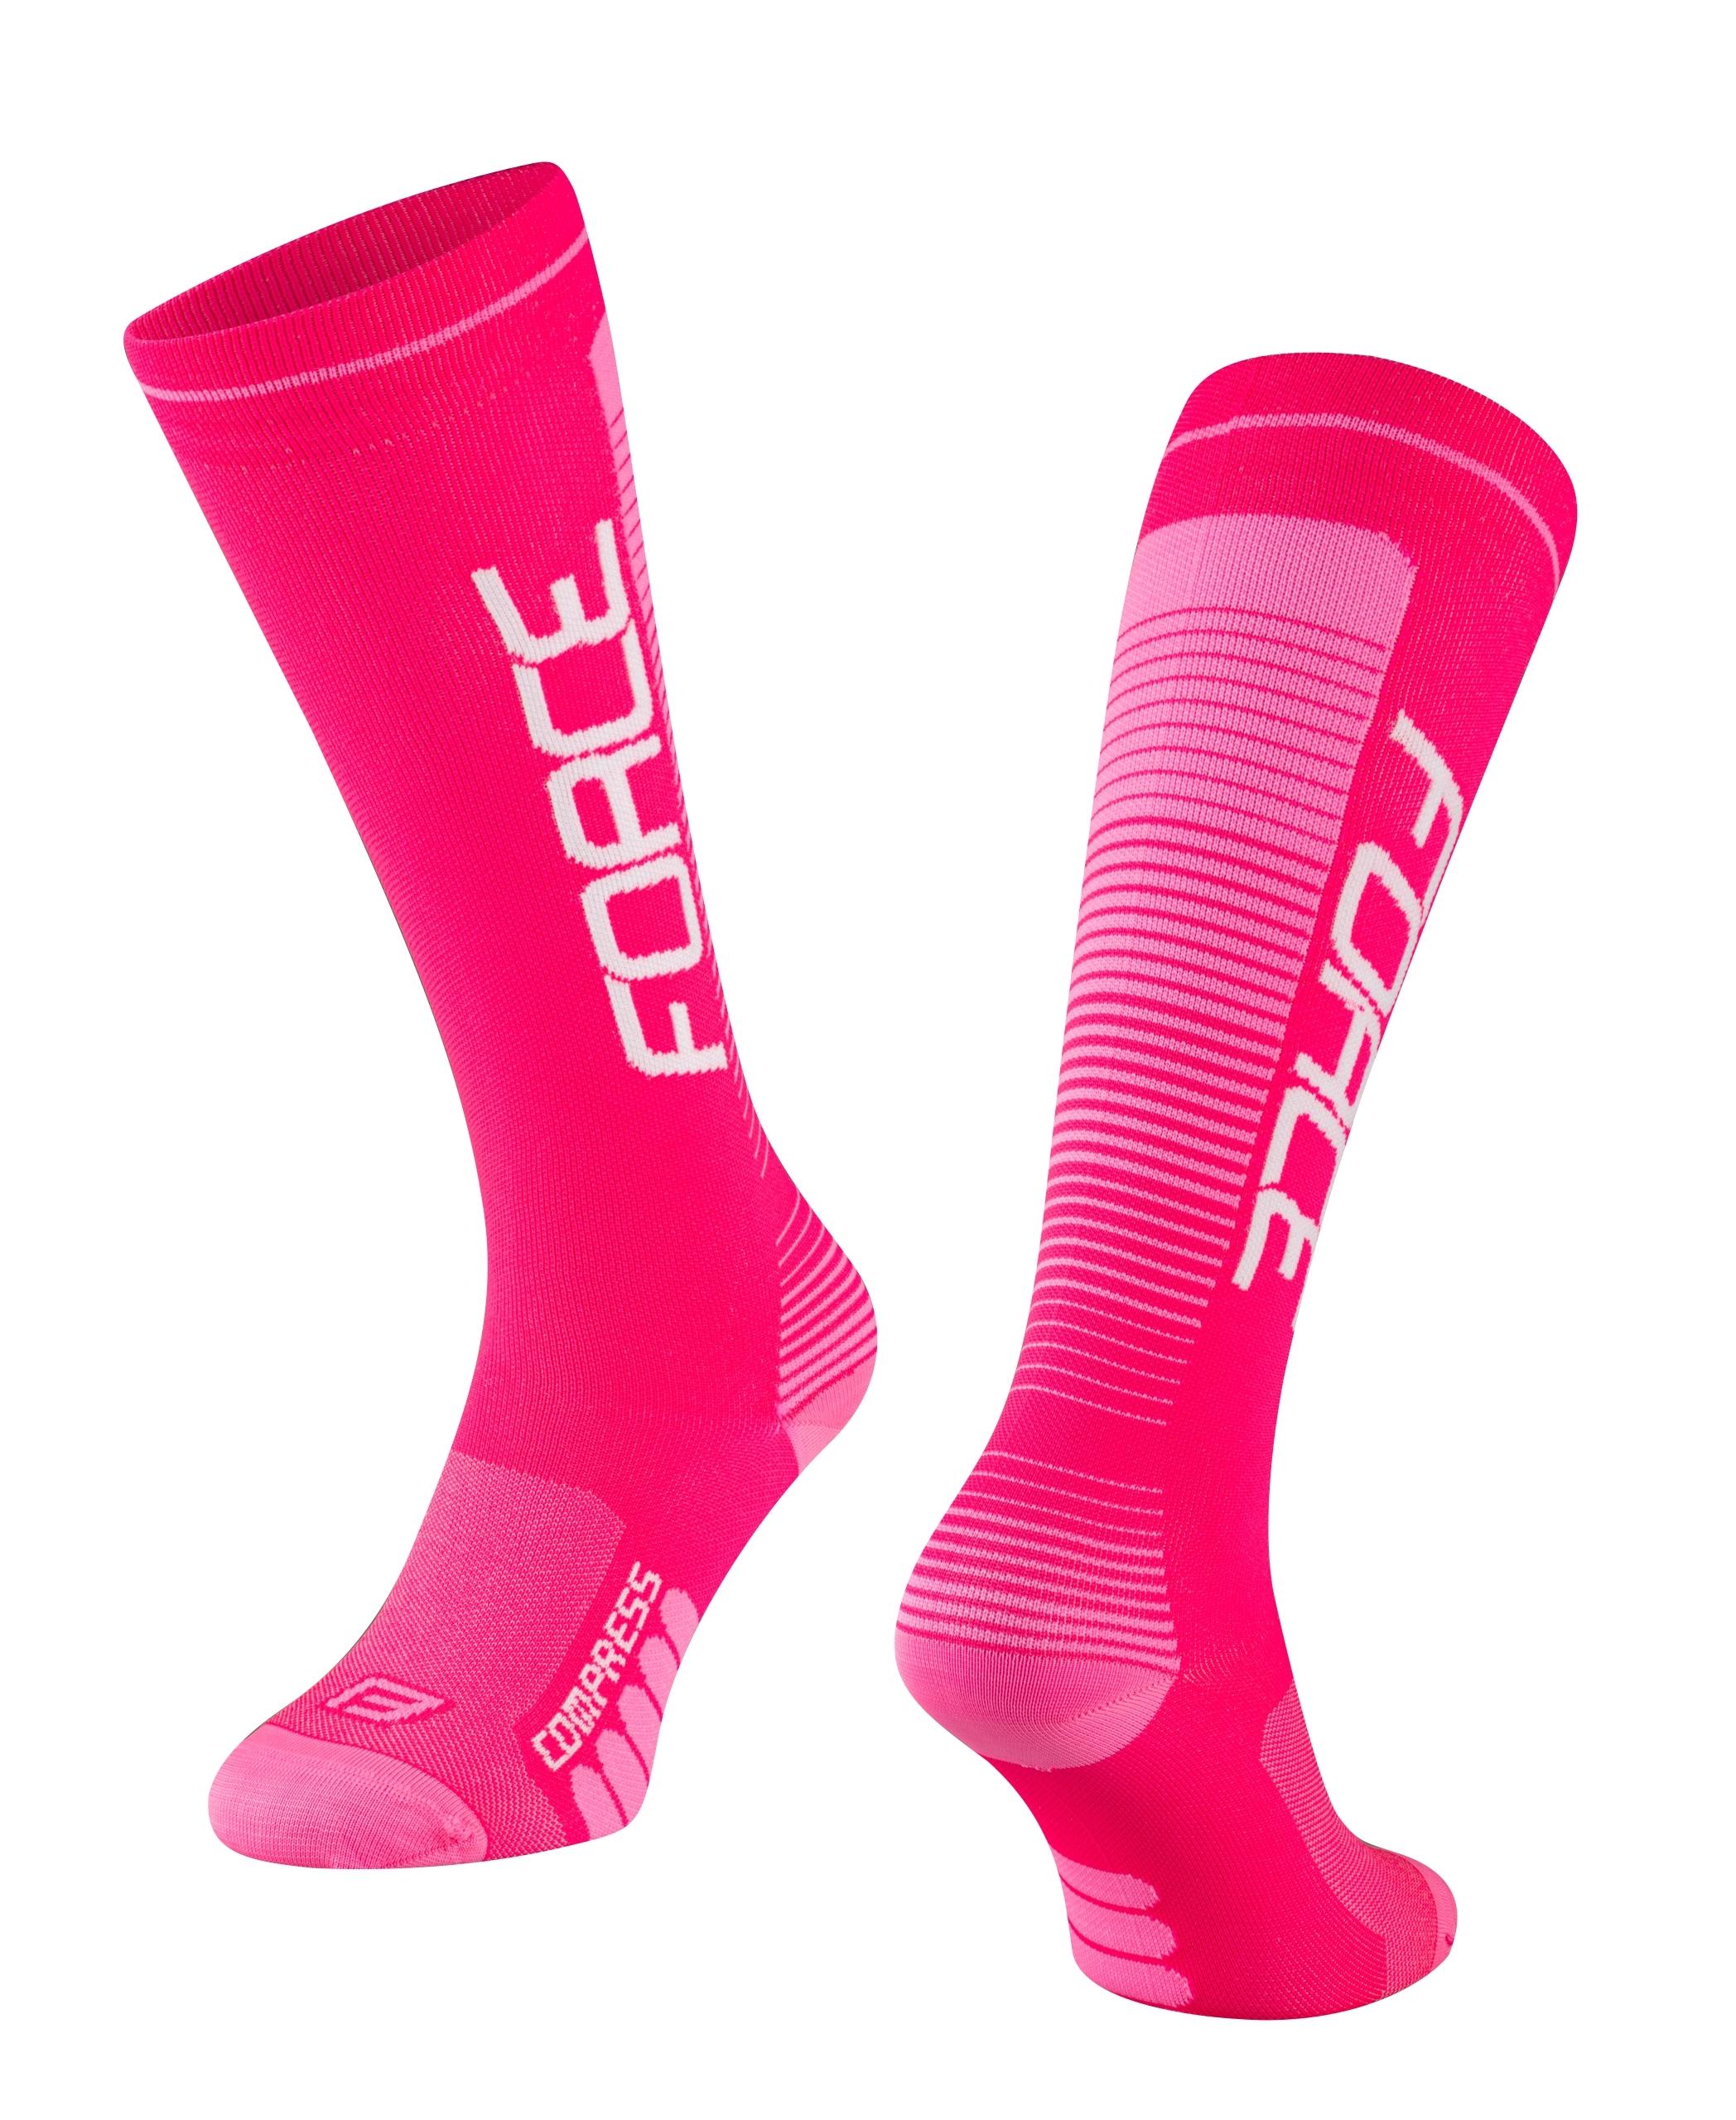 ponožky F COMPRESS, růžové L-XL/42-47